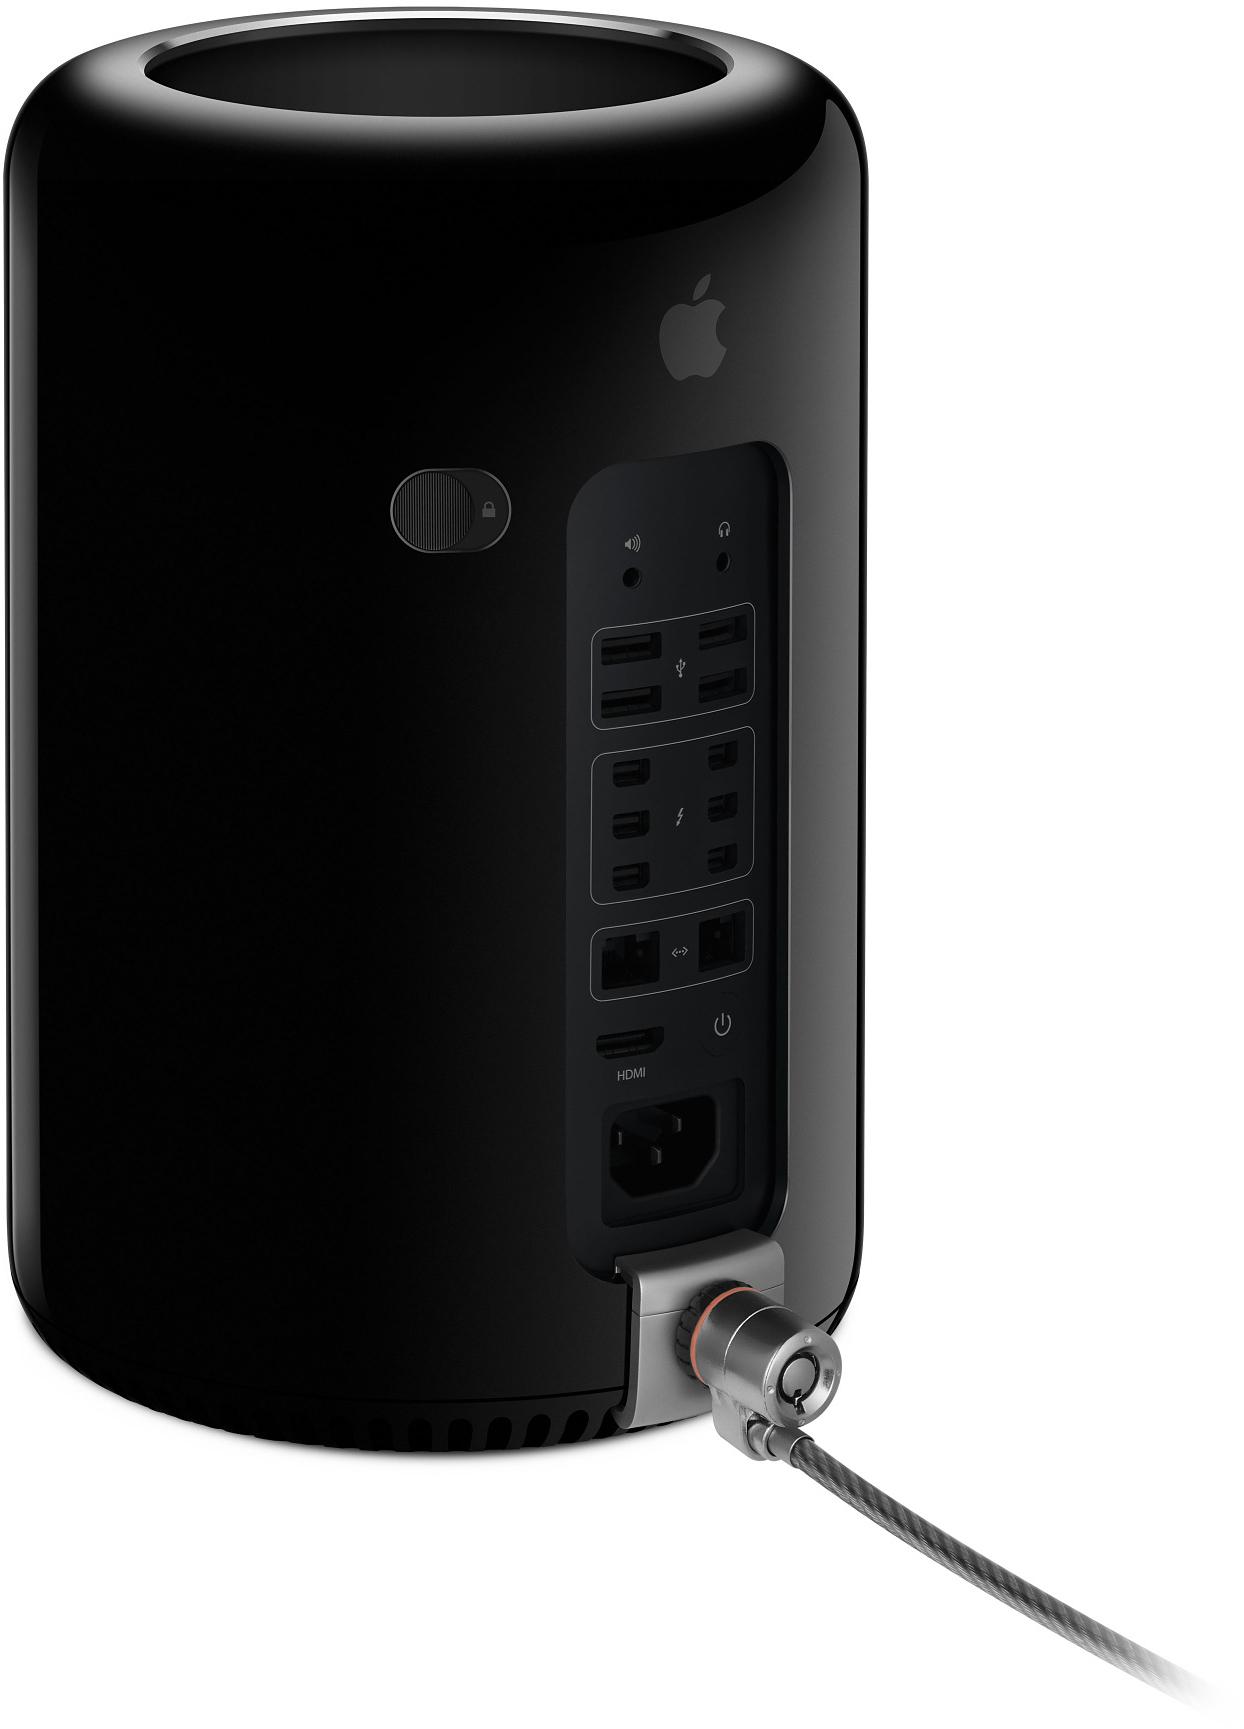 Adaptador de trava de segurança do Mac Pro